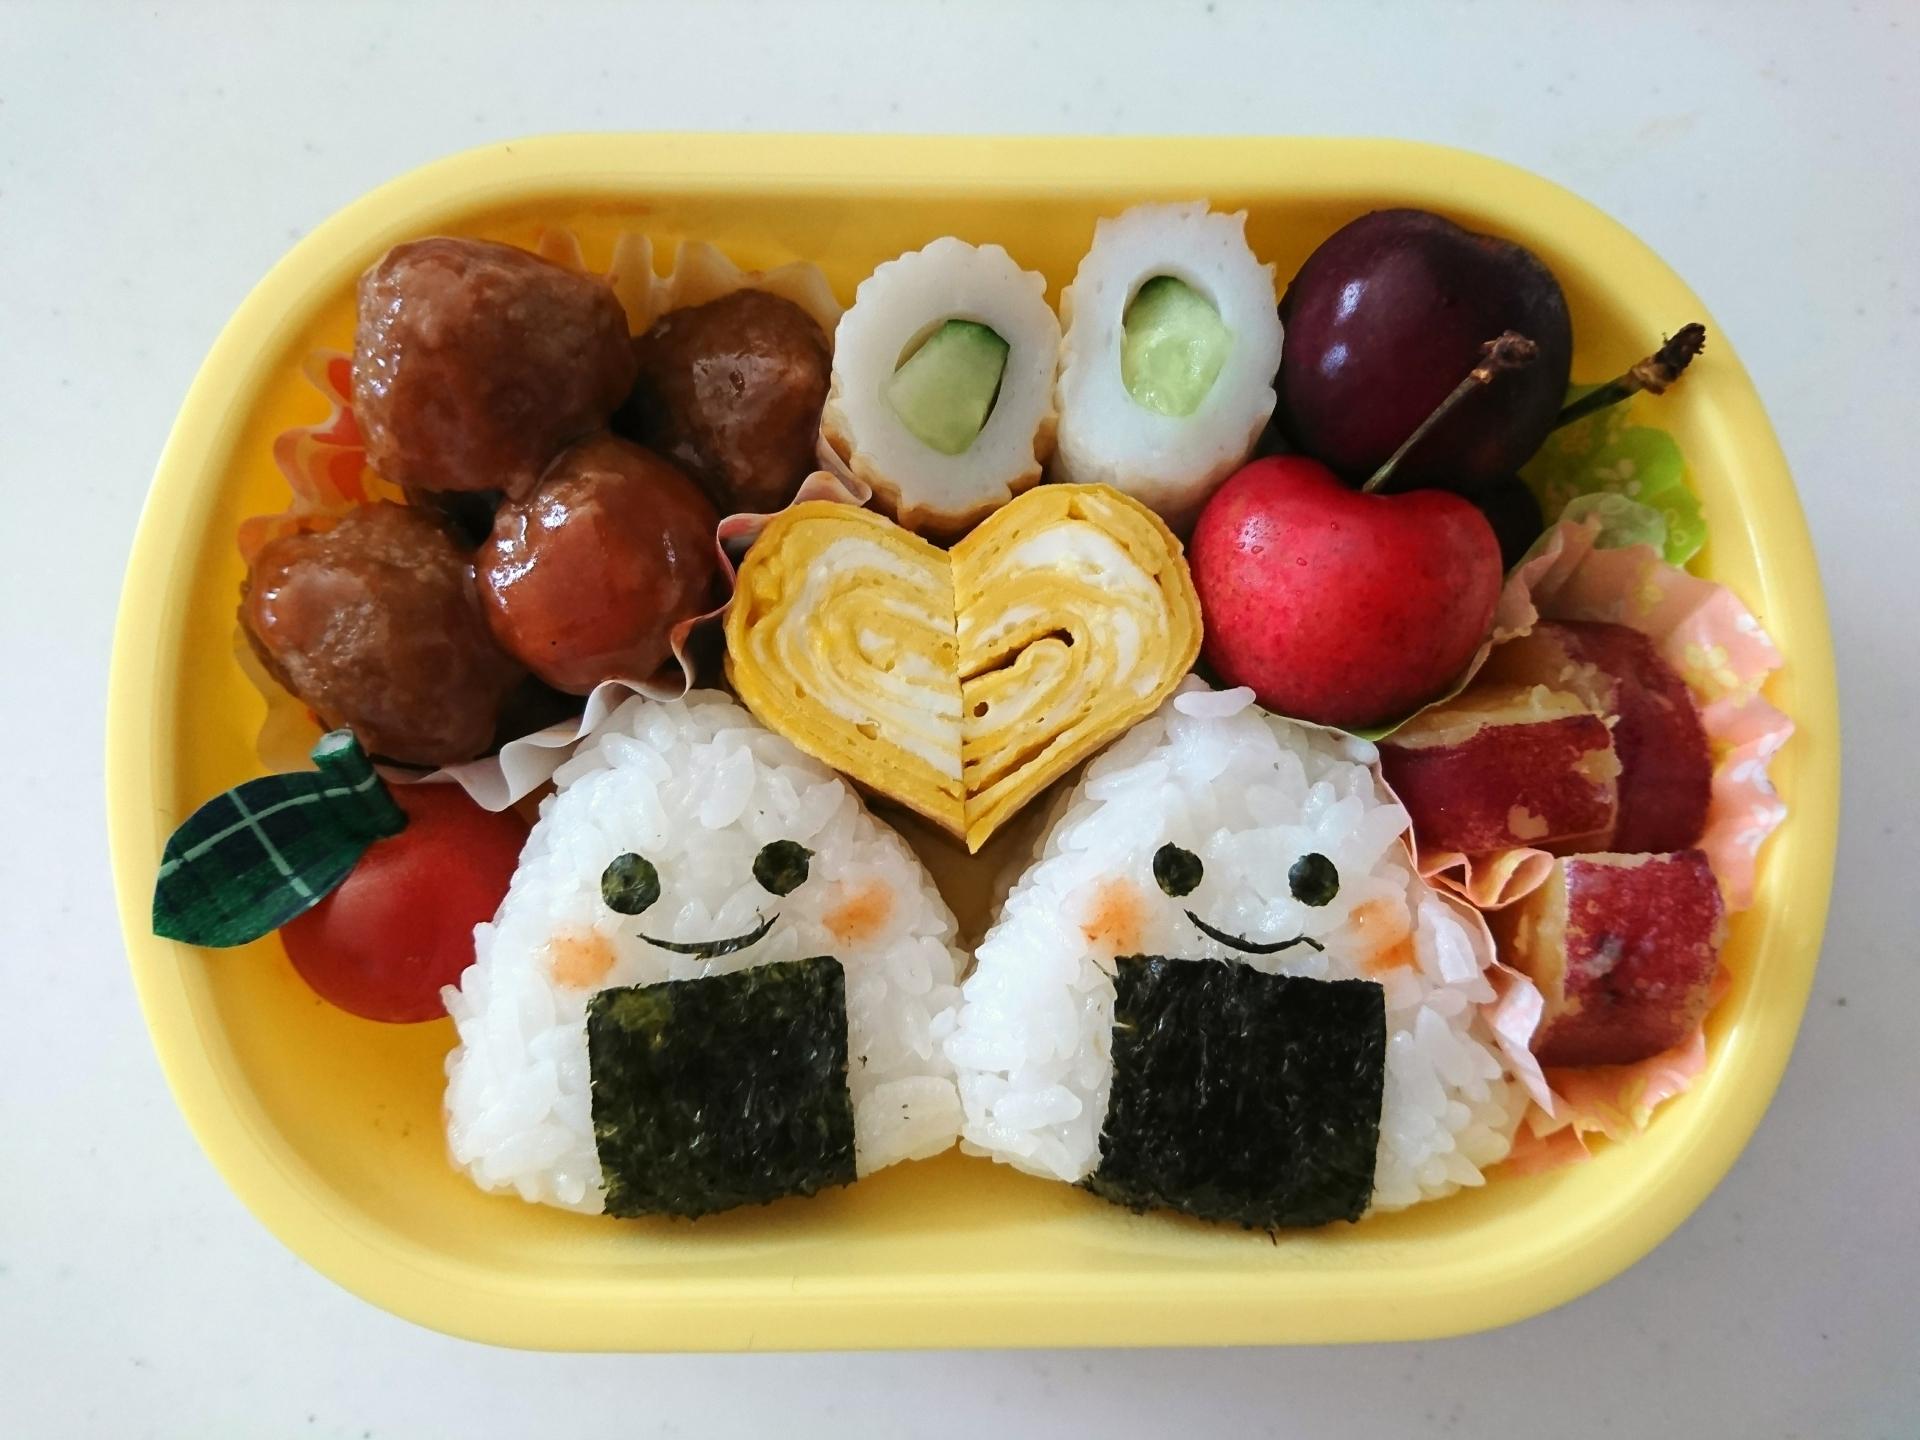 【初デート】初めてのデートで手作りのお弁当はあり?なし?